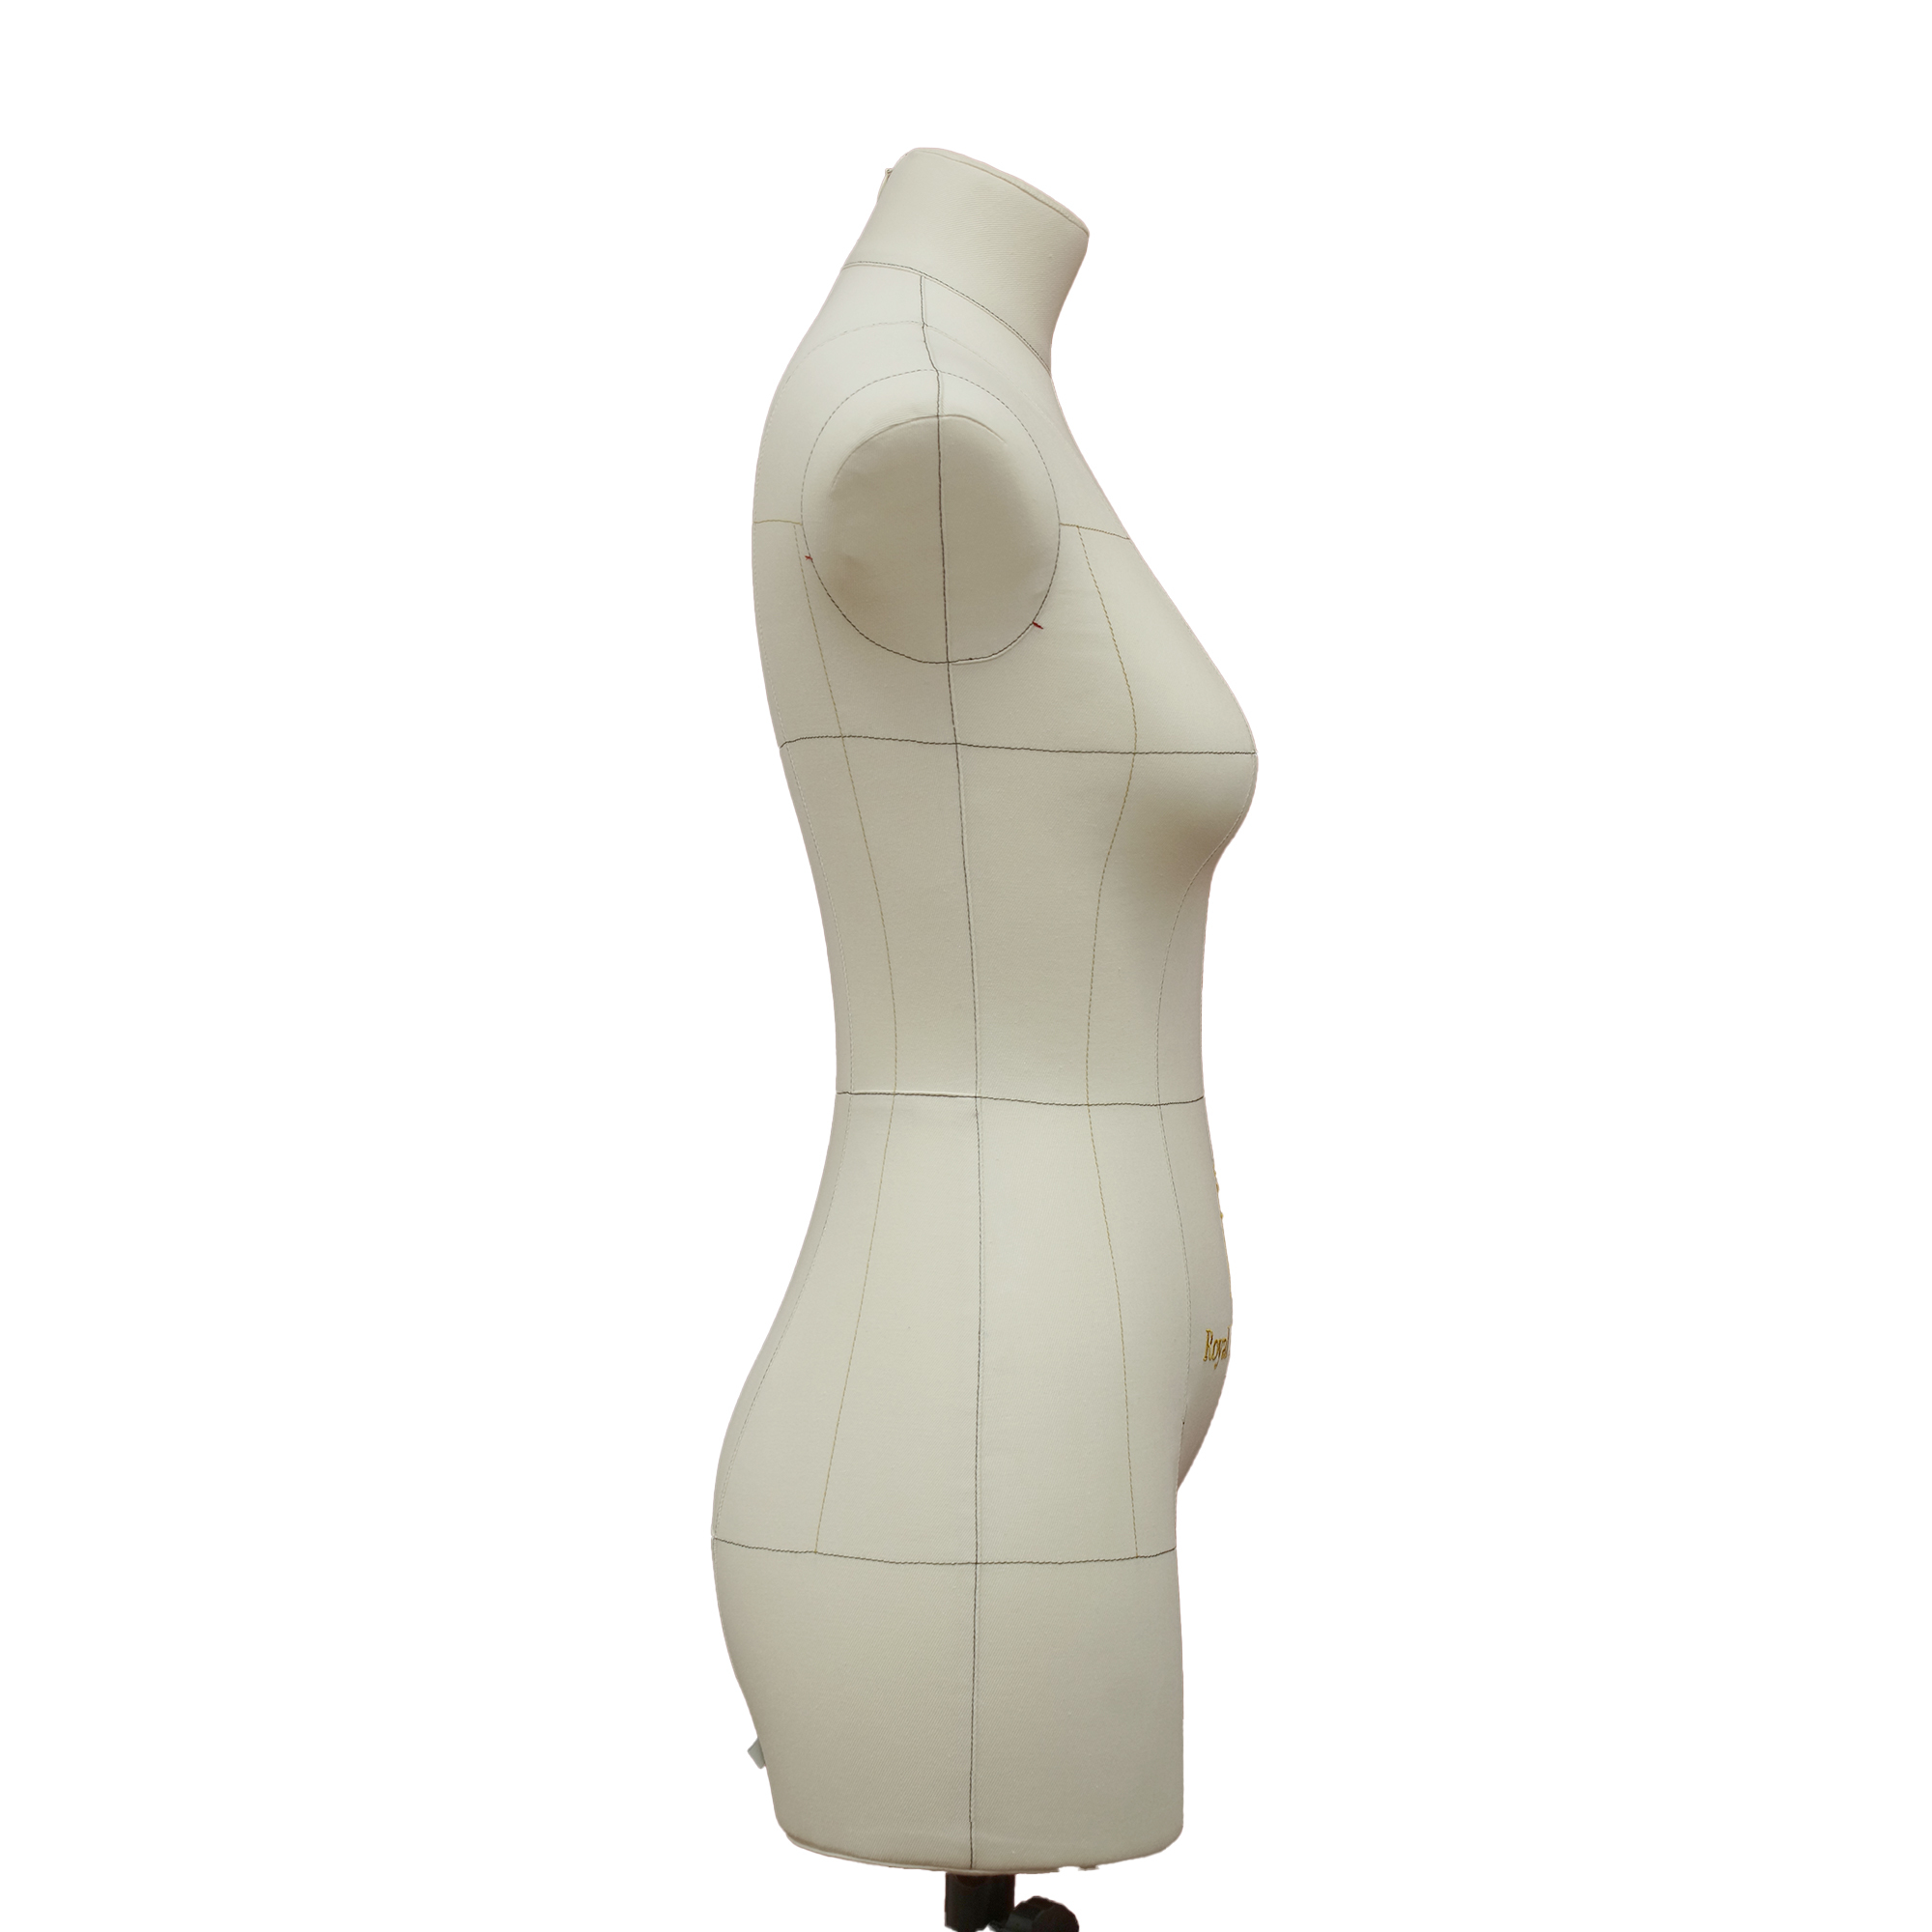 Манекен портновский Моника, комплект Стандарт, размер 44, тип фигуры Песочные часы, бежевыйФото 2